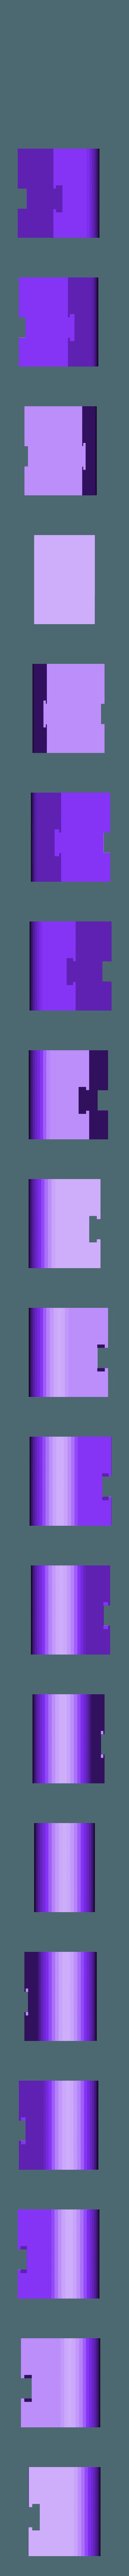 GLUE-STICK.STL Download free STL file Dremel 3D45 Tool Caddy • 3D print model, mkellsy